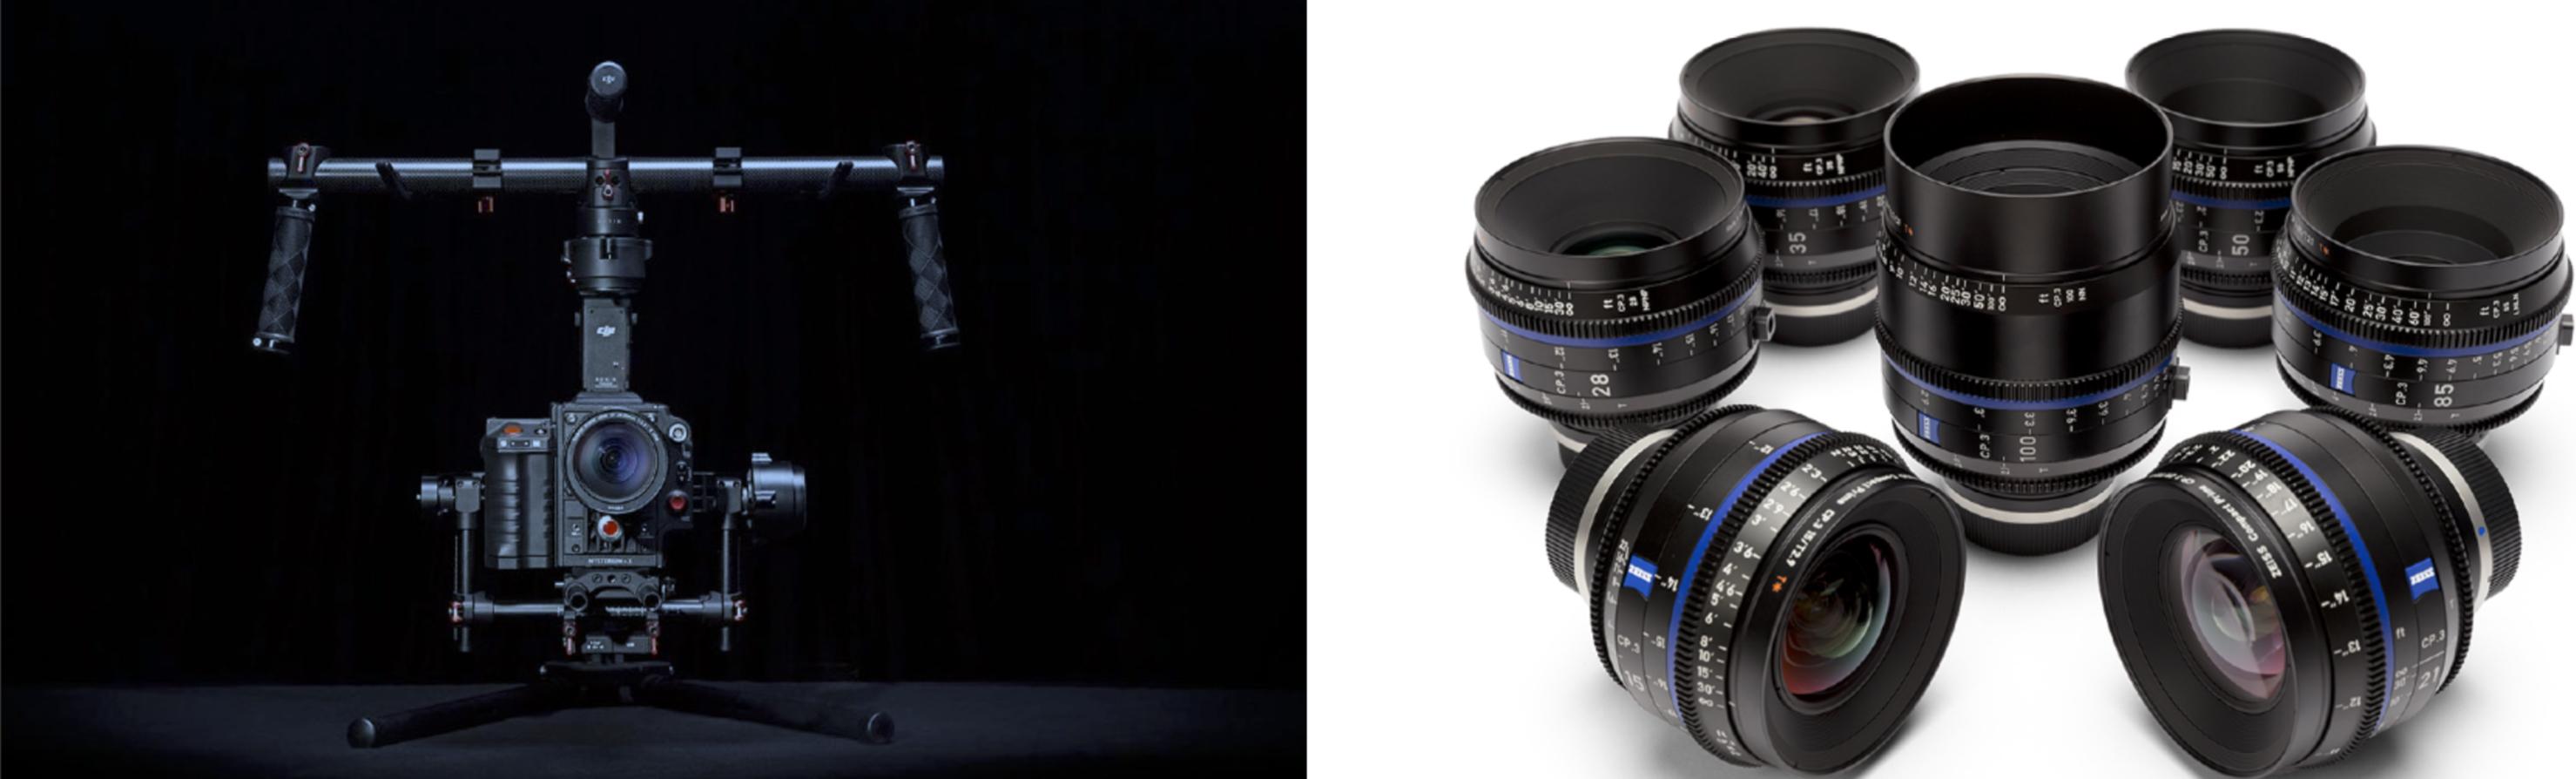 全虹製片用DJI INSPIRE系列4K空拍機拍攝出4K超高畫質